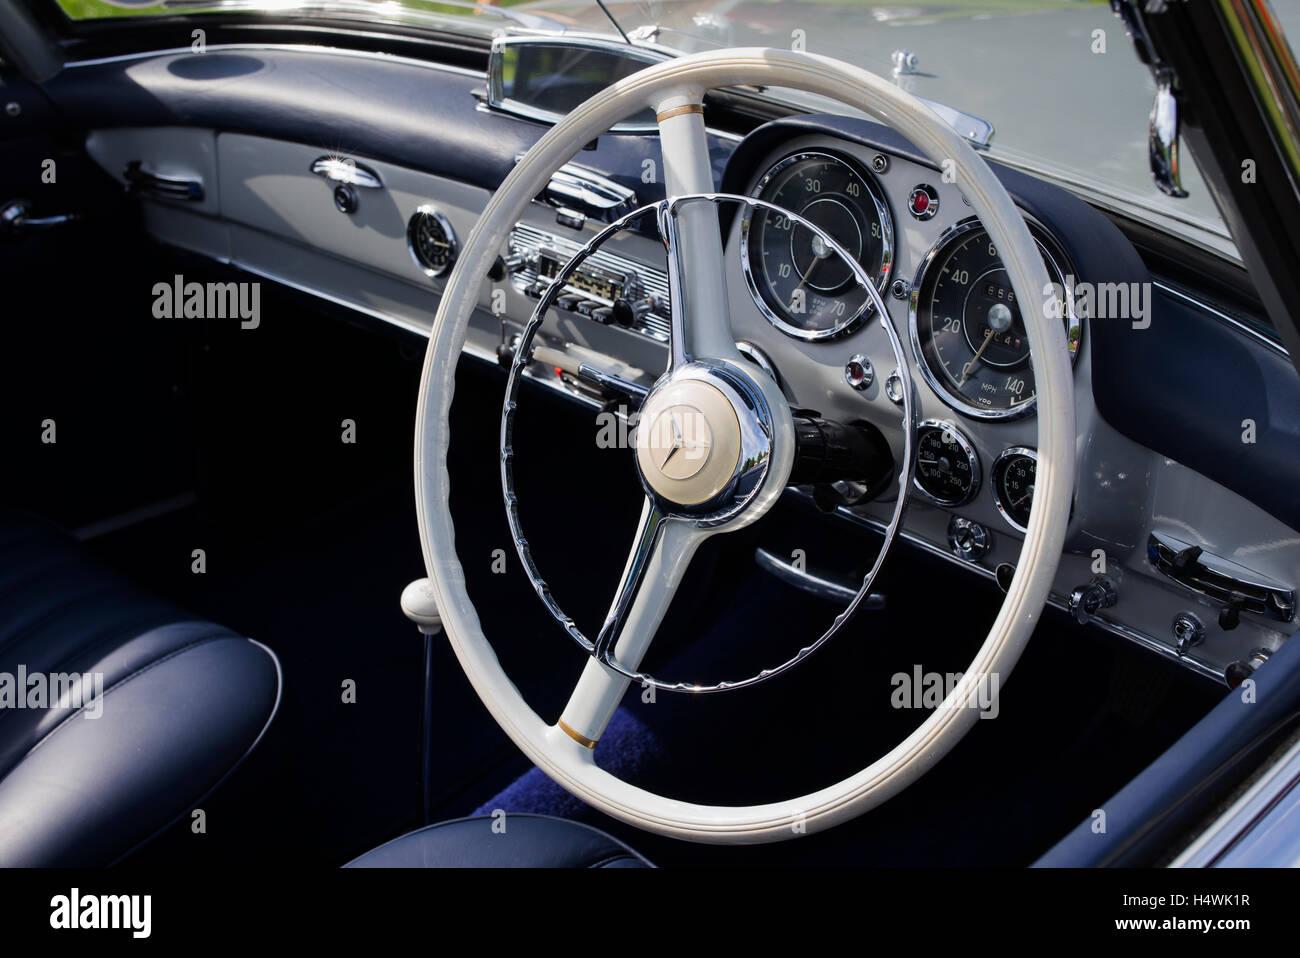 Armaturenbrett mercedes  1961 Mercedes Benz 190SL Sports Tourer Innenraum Armaturenbrett ...